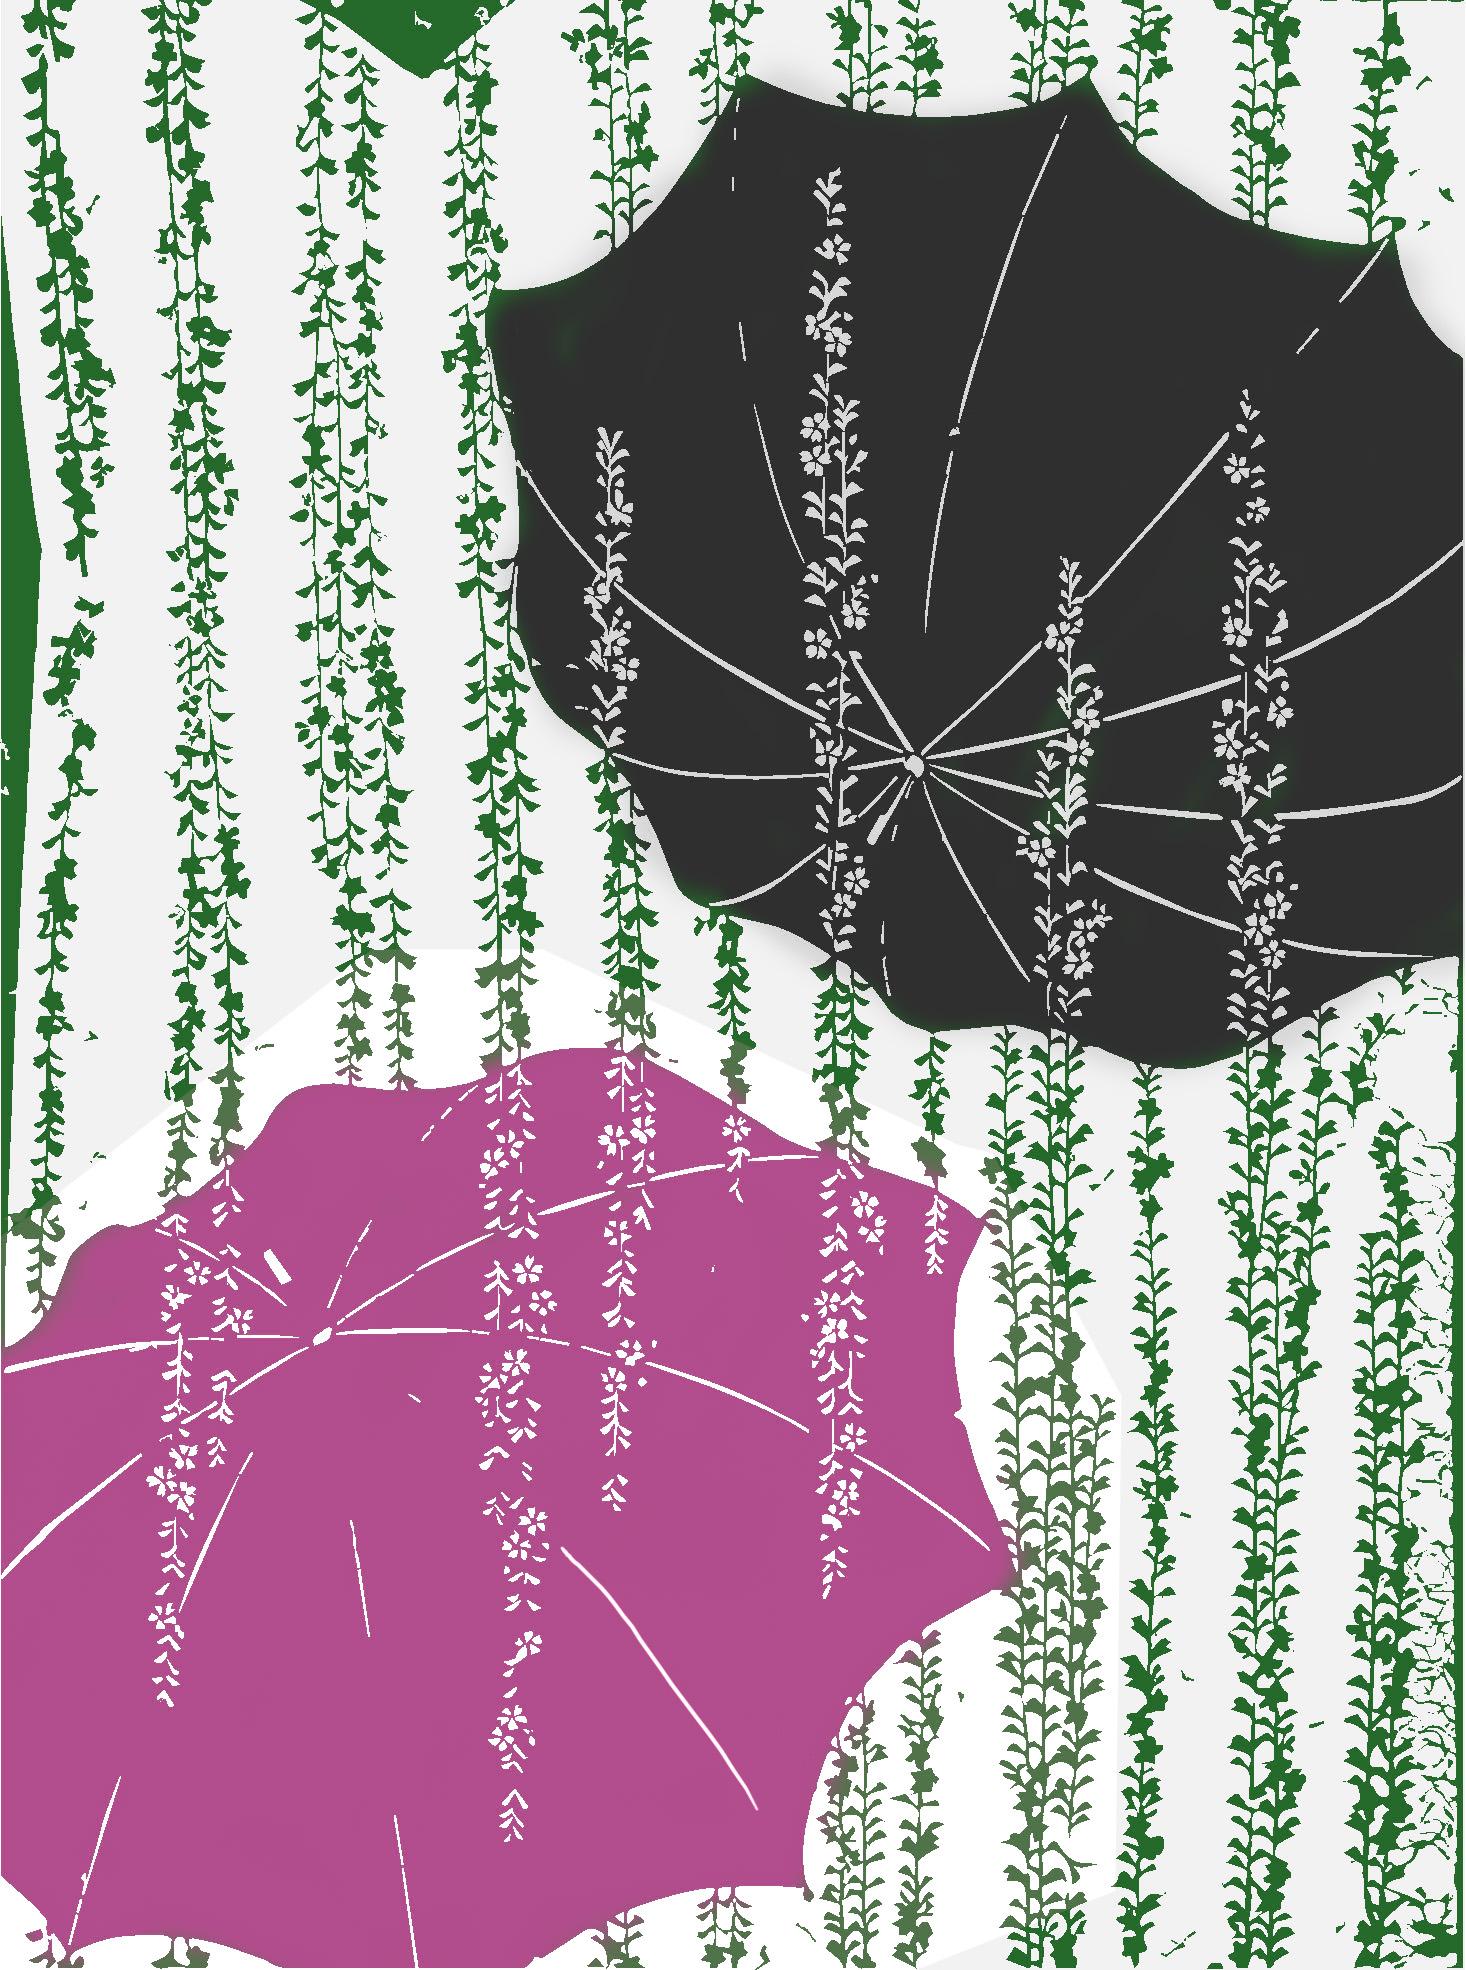 Parapluies et plantes fleuries retombantes (Collection Vever) - motif modifié